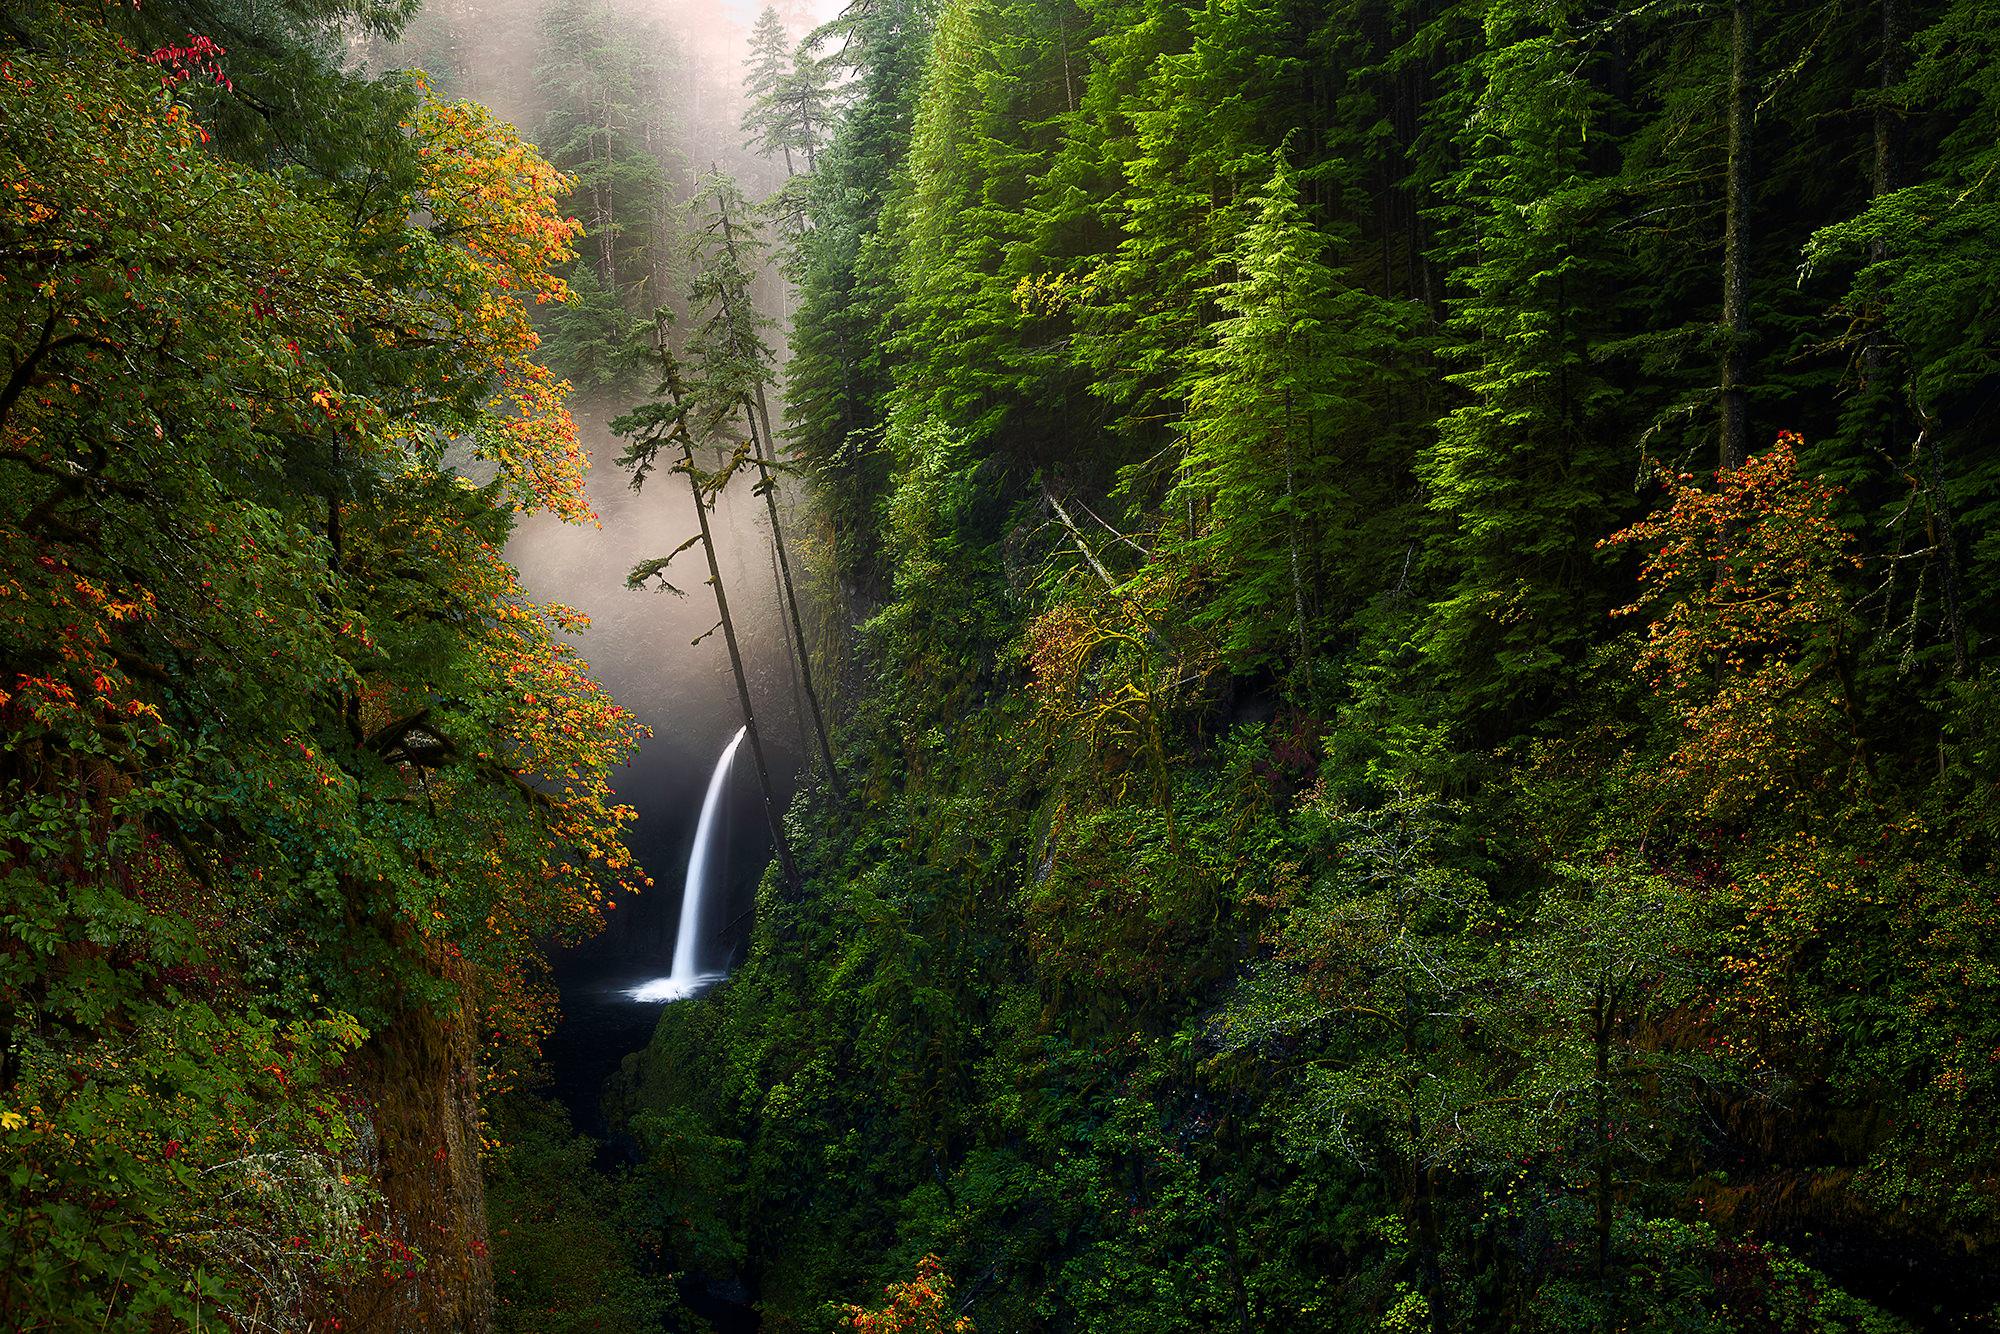 Metlako Falls - Columbia Gorge, OR